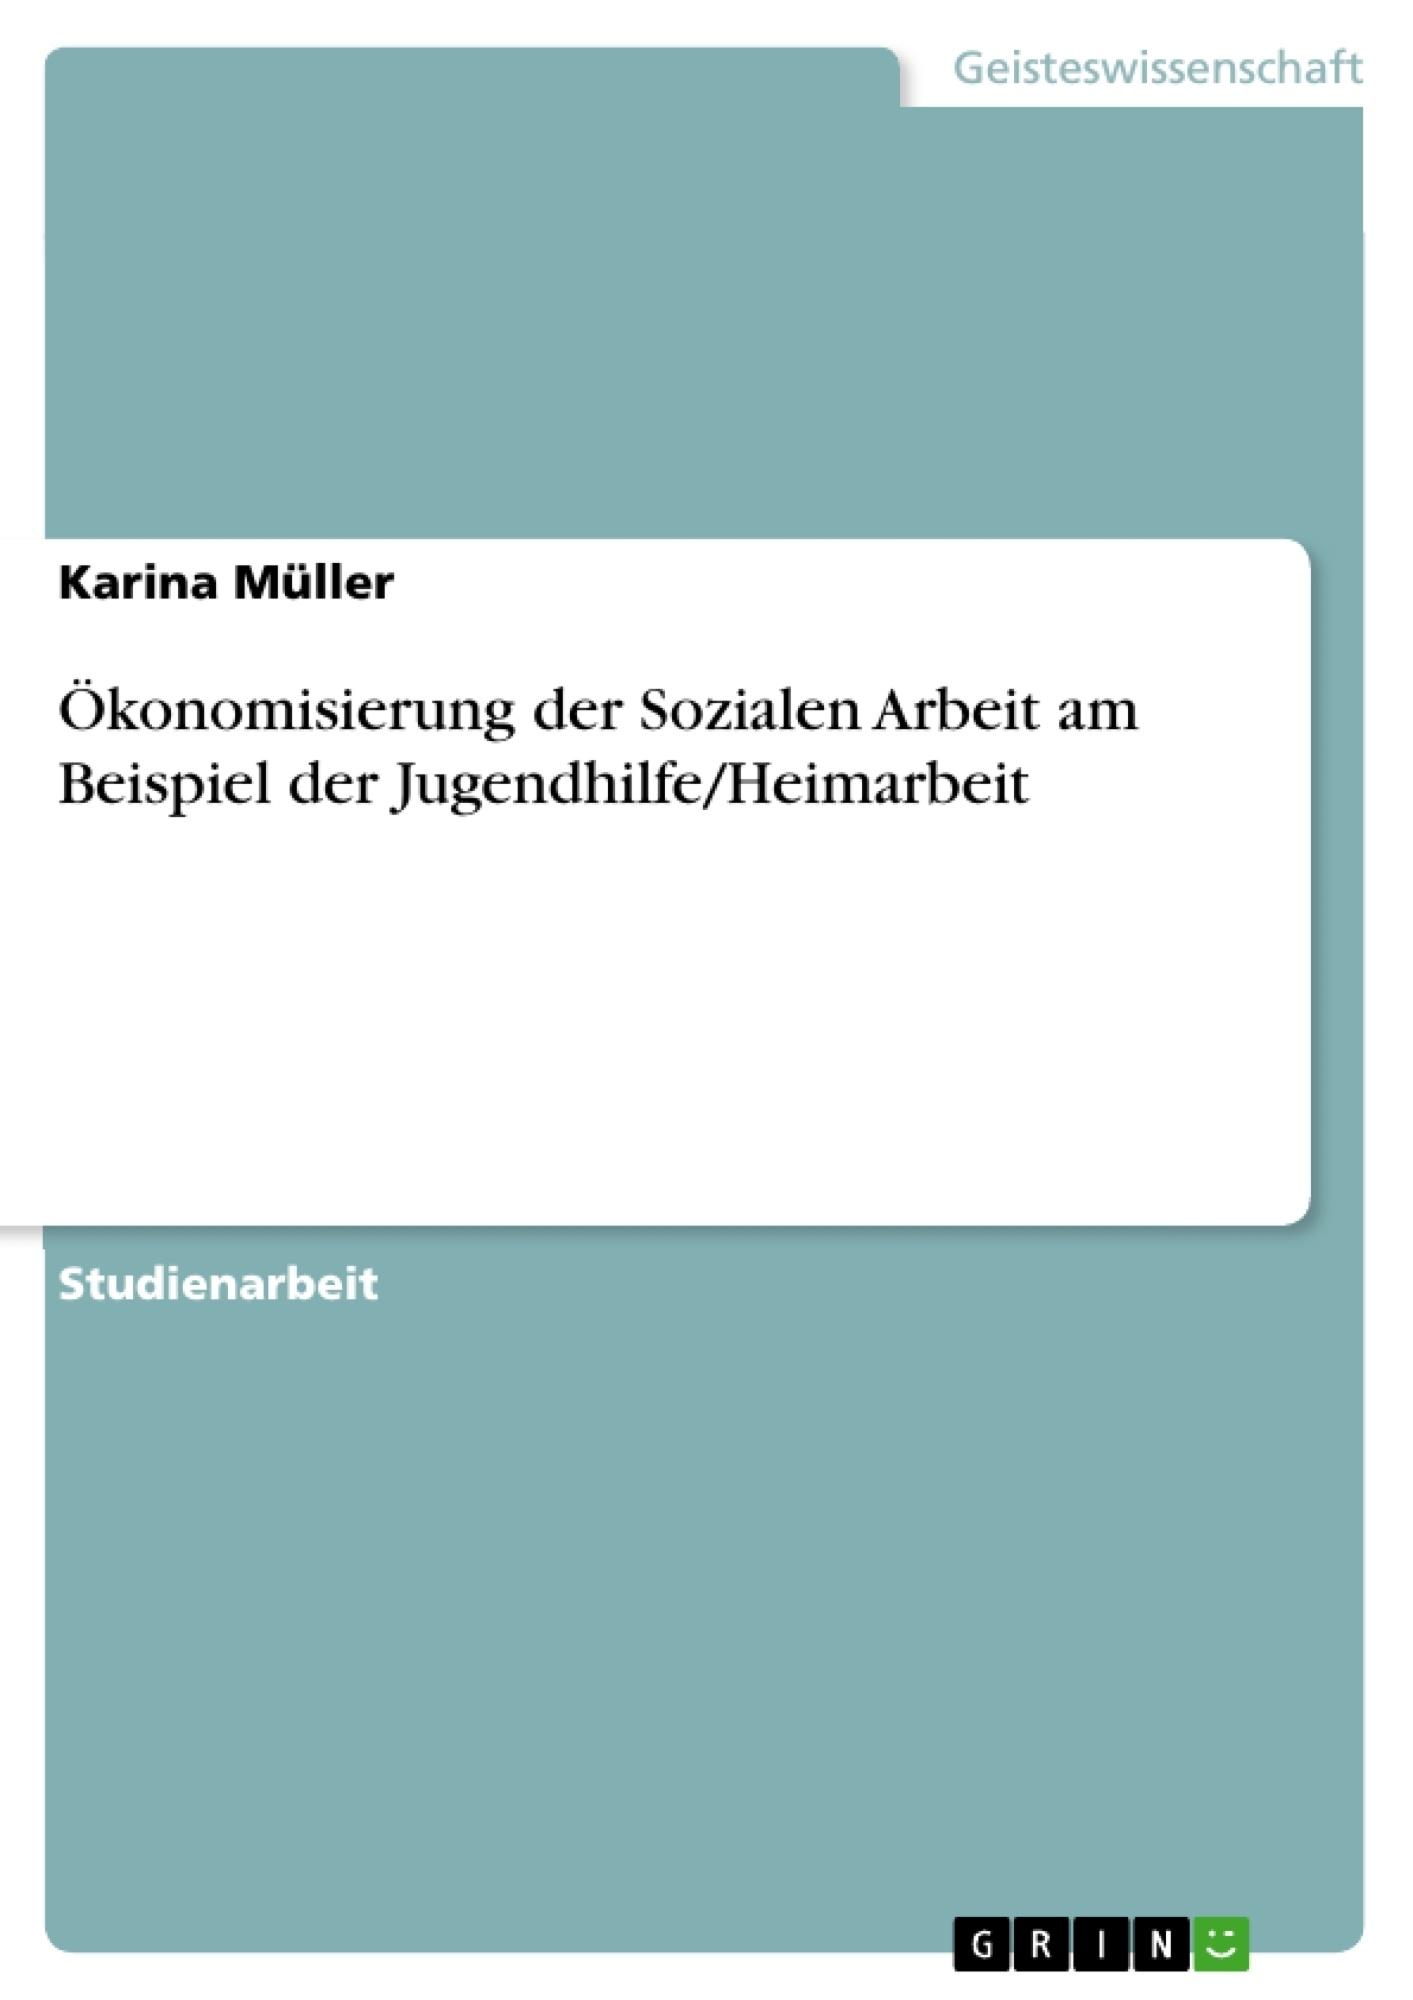 Titel: Ökonomisierung der Sozialen Arbeit  am Beispiel der Jugendhilfe/Heimarbeit